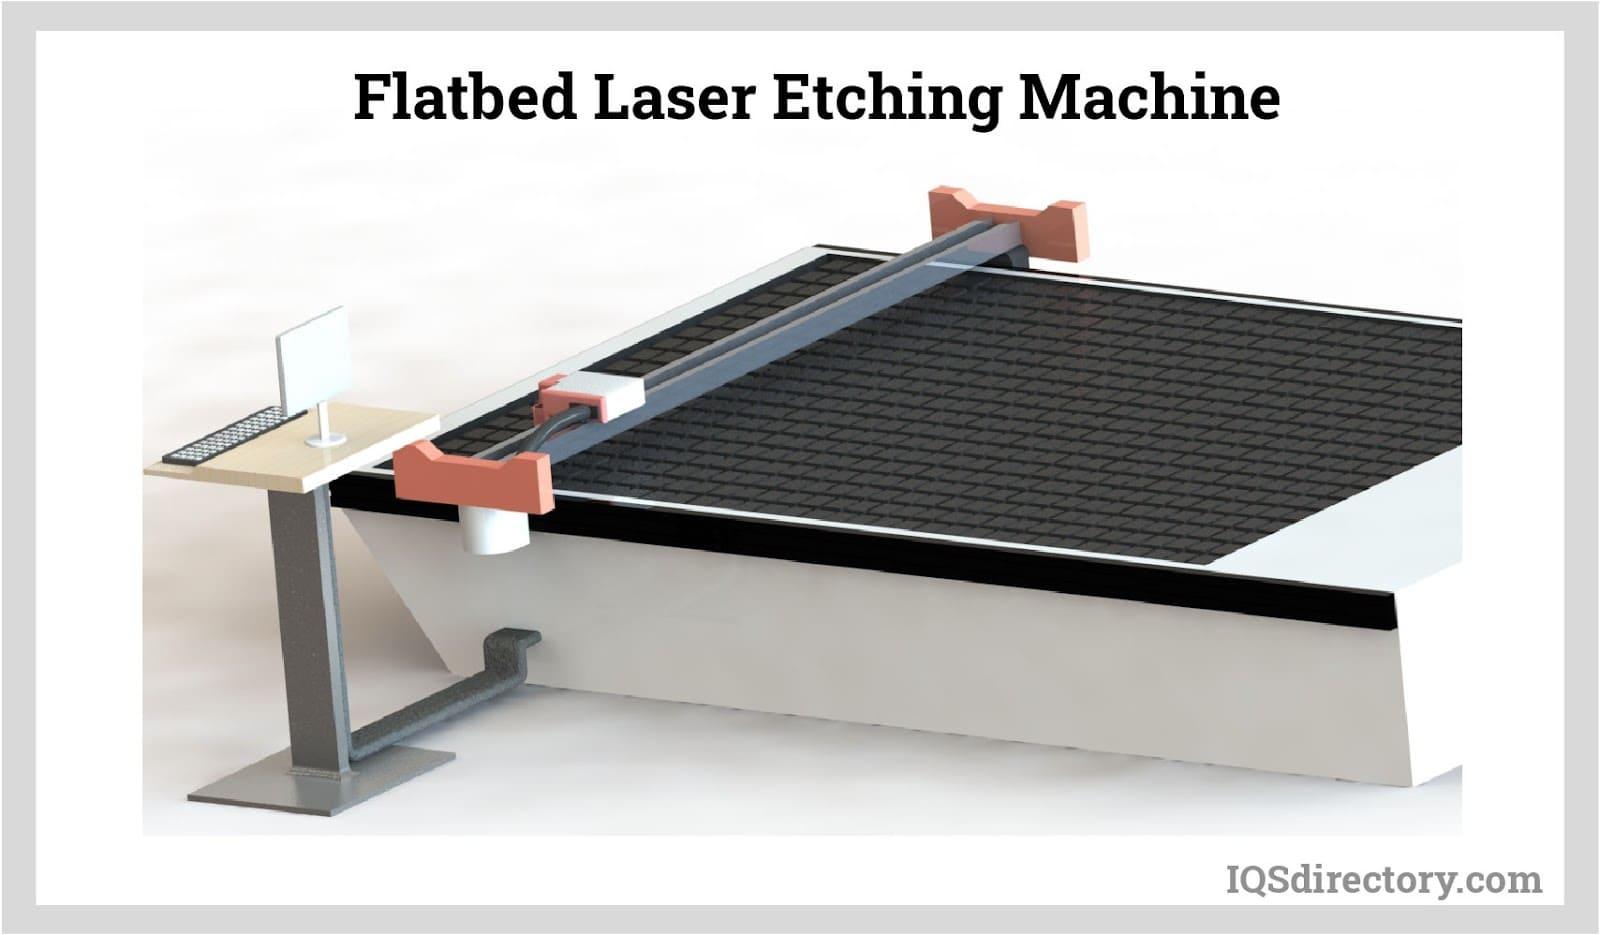 Flatbed Laser Etching Machine